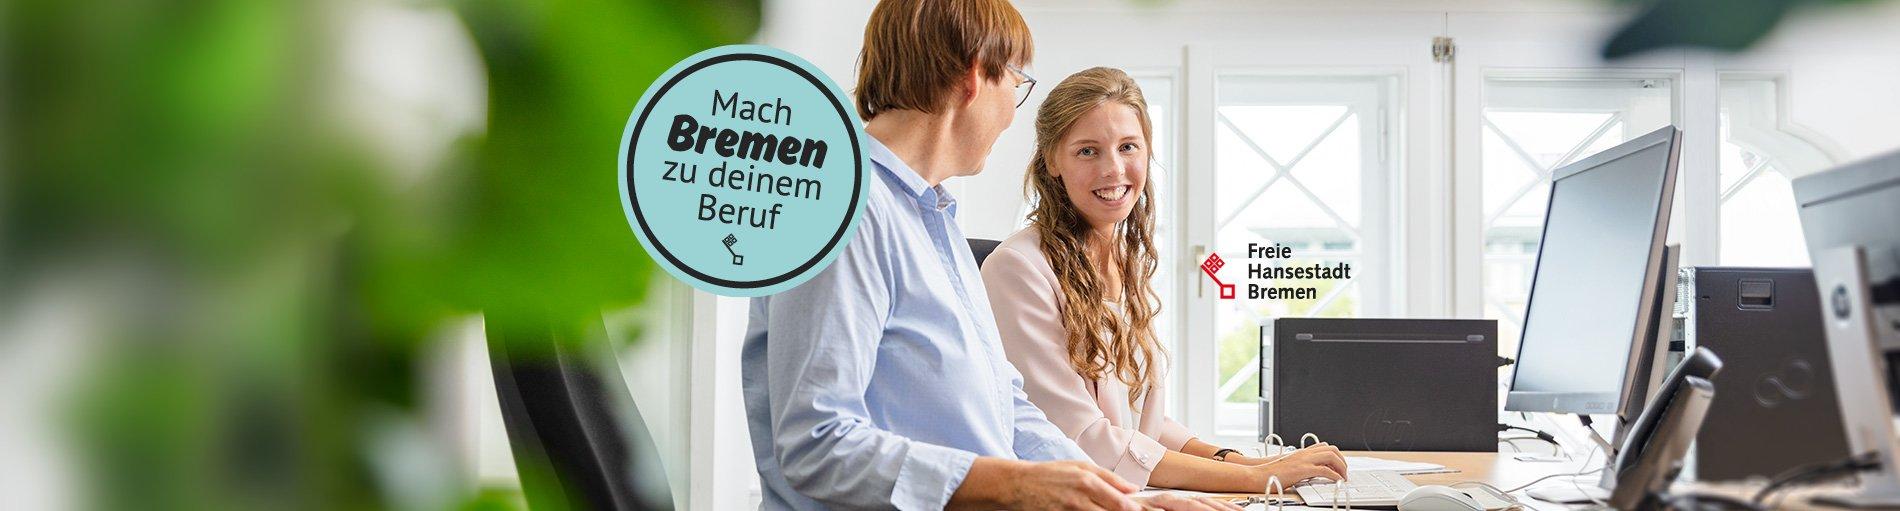 Ein Werbebanner für die Jobkampagne der Senatorin für Finanzen - mach Bremen zu Deinem Beruf!